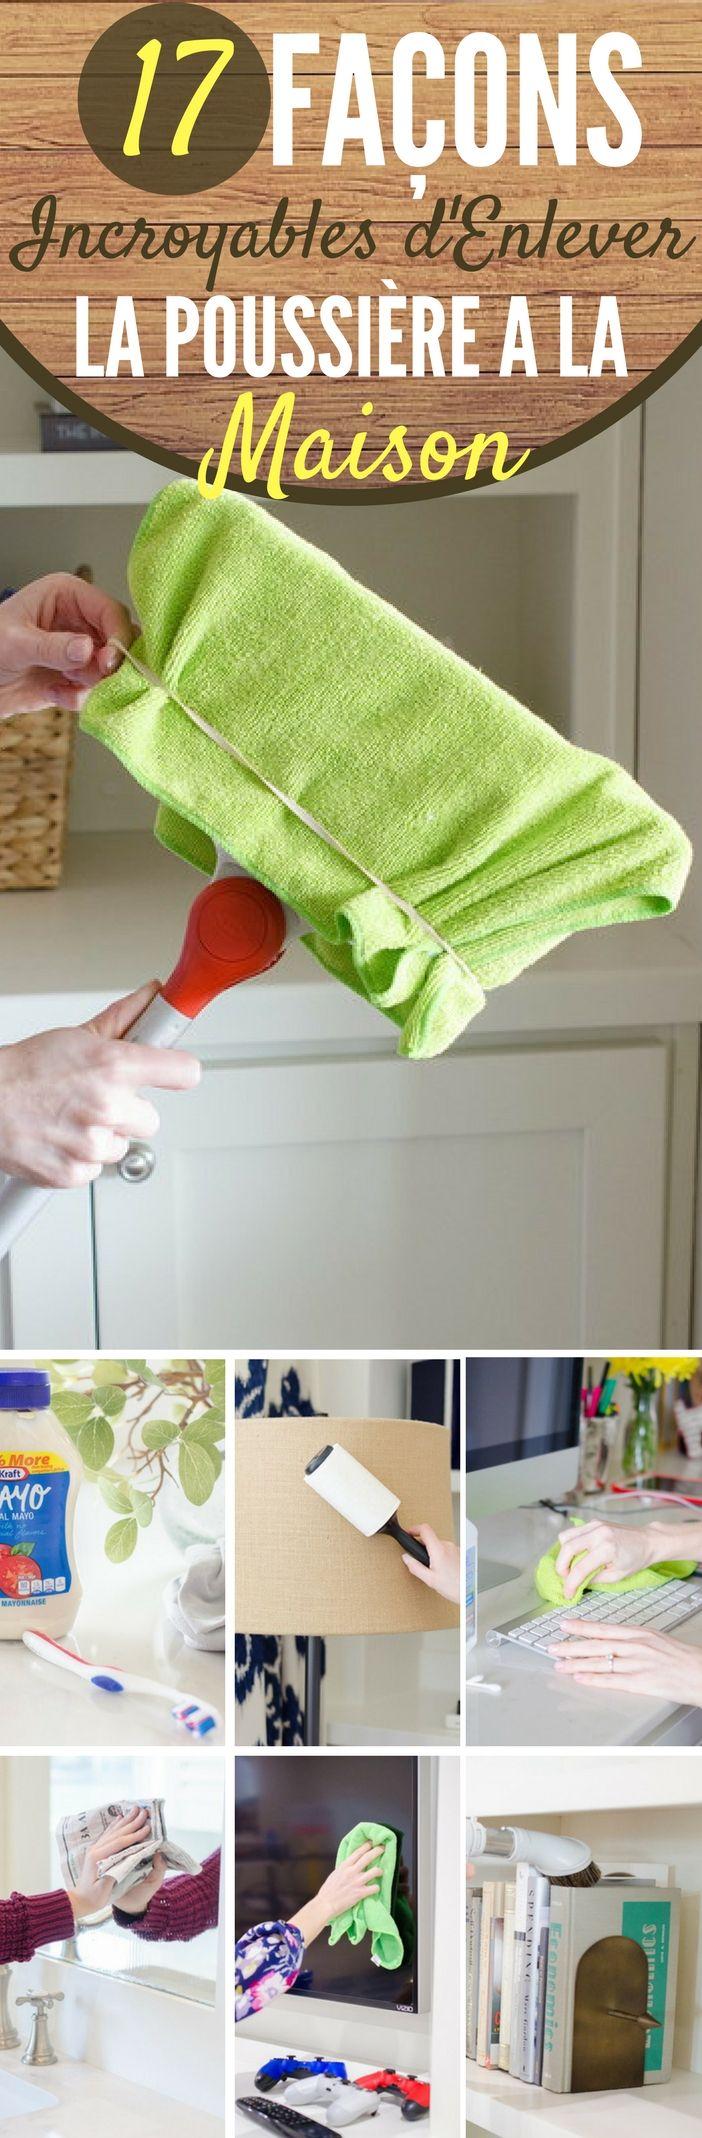 17 façons incroyables d'enlever la poussière à la maison #maison #trucs #astuces #trucsetastuces #poussière